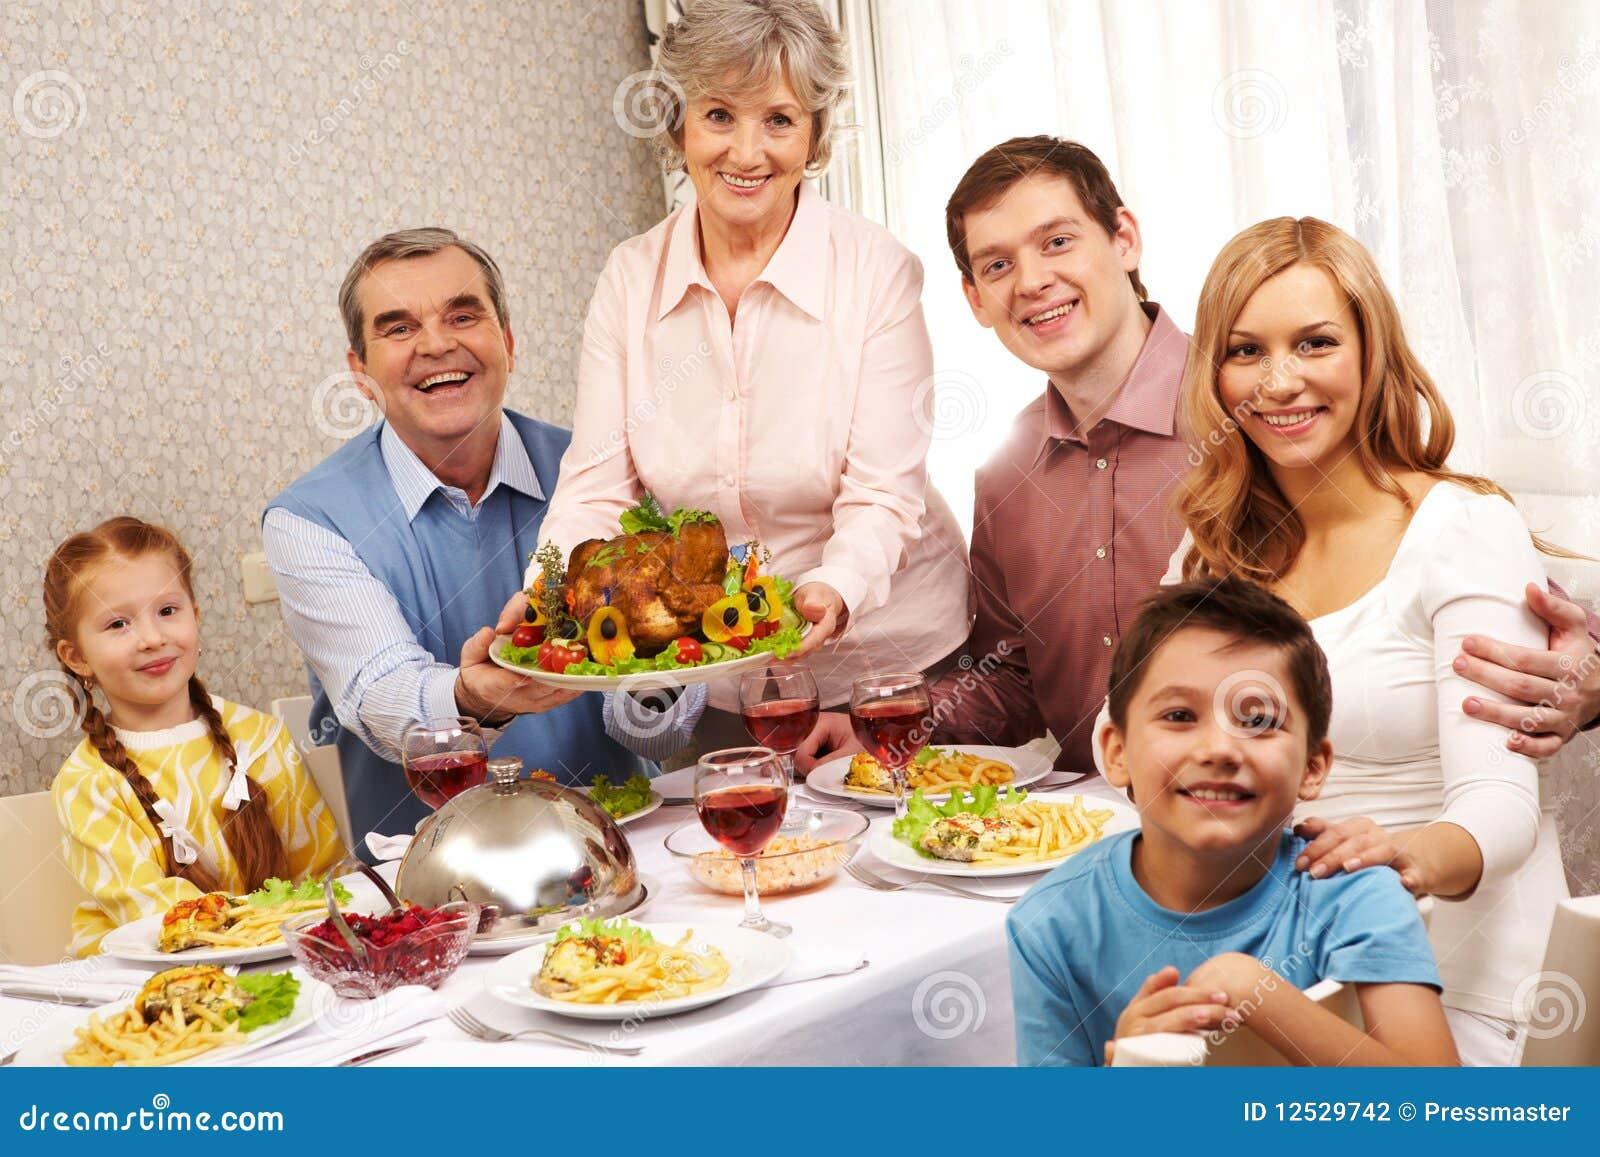 Семья пригласит парня в гости 6 фотография